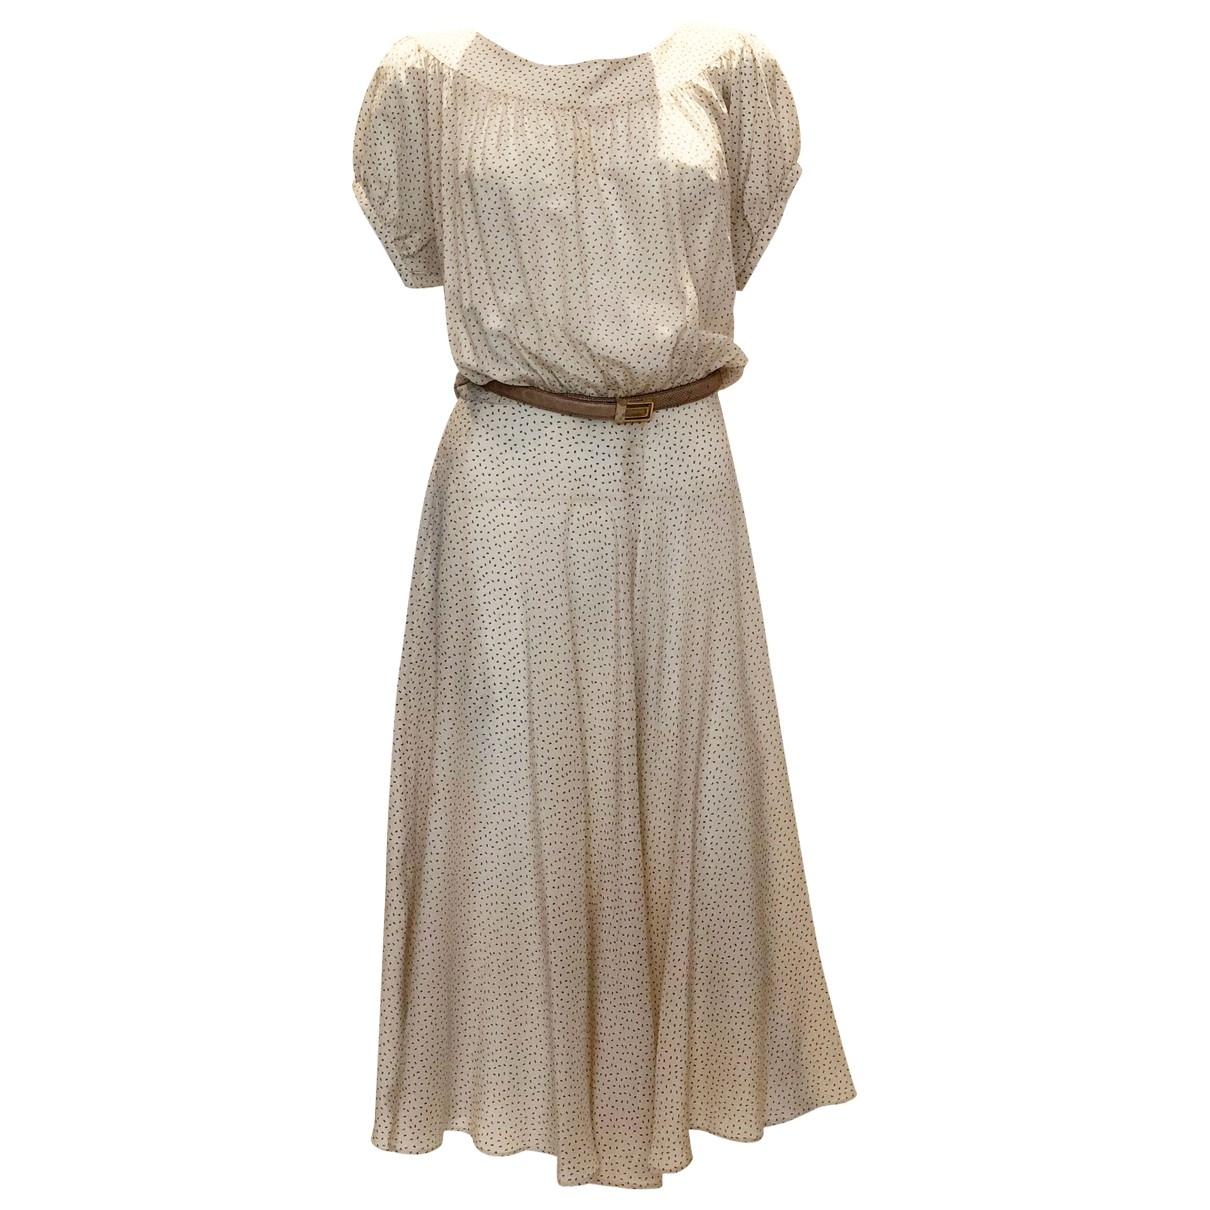 Cacharel \N Kleid in  Beige Seide